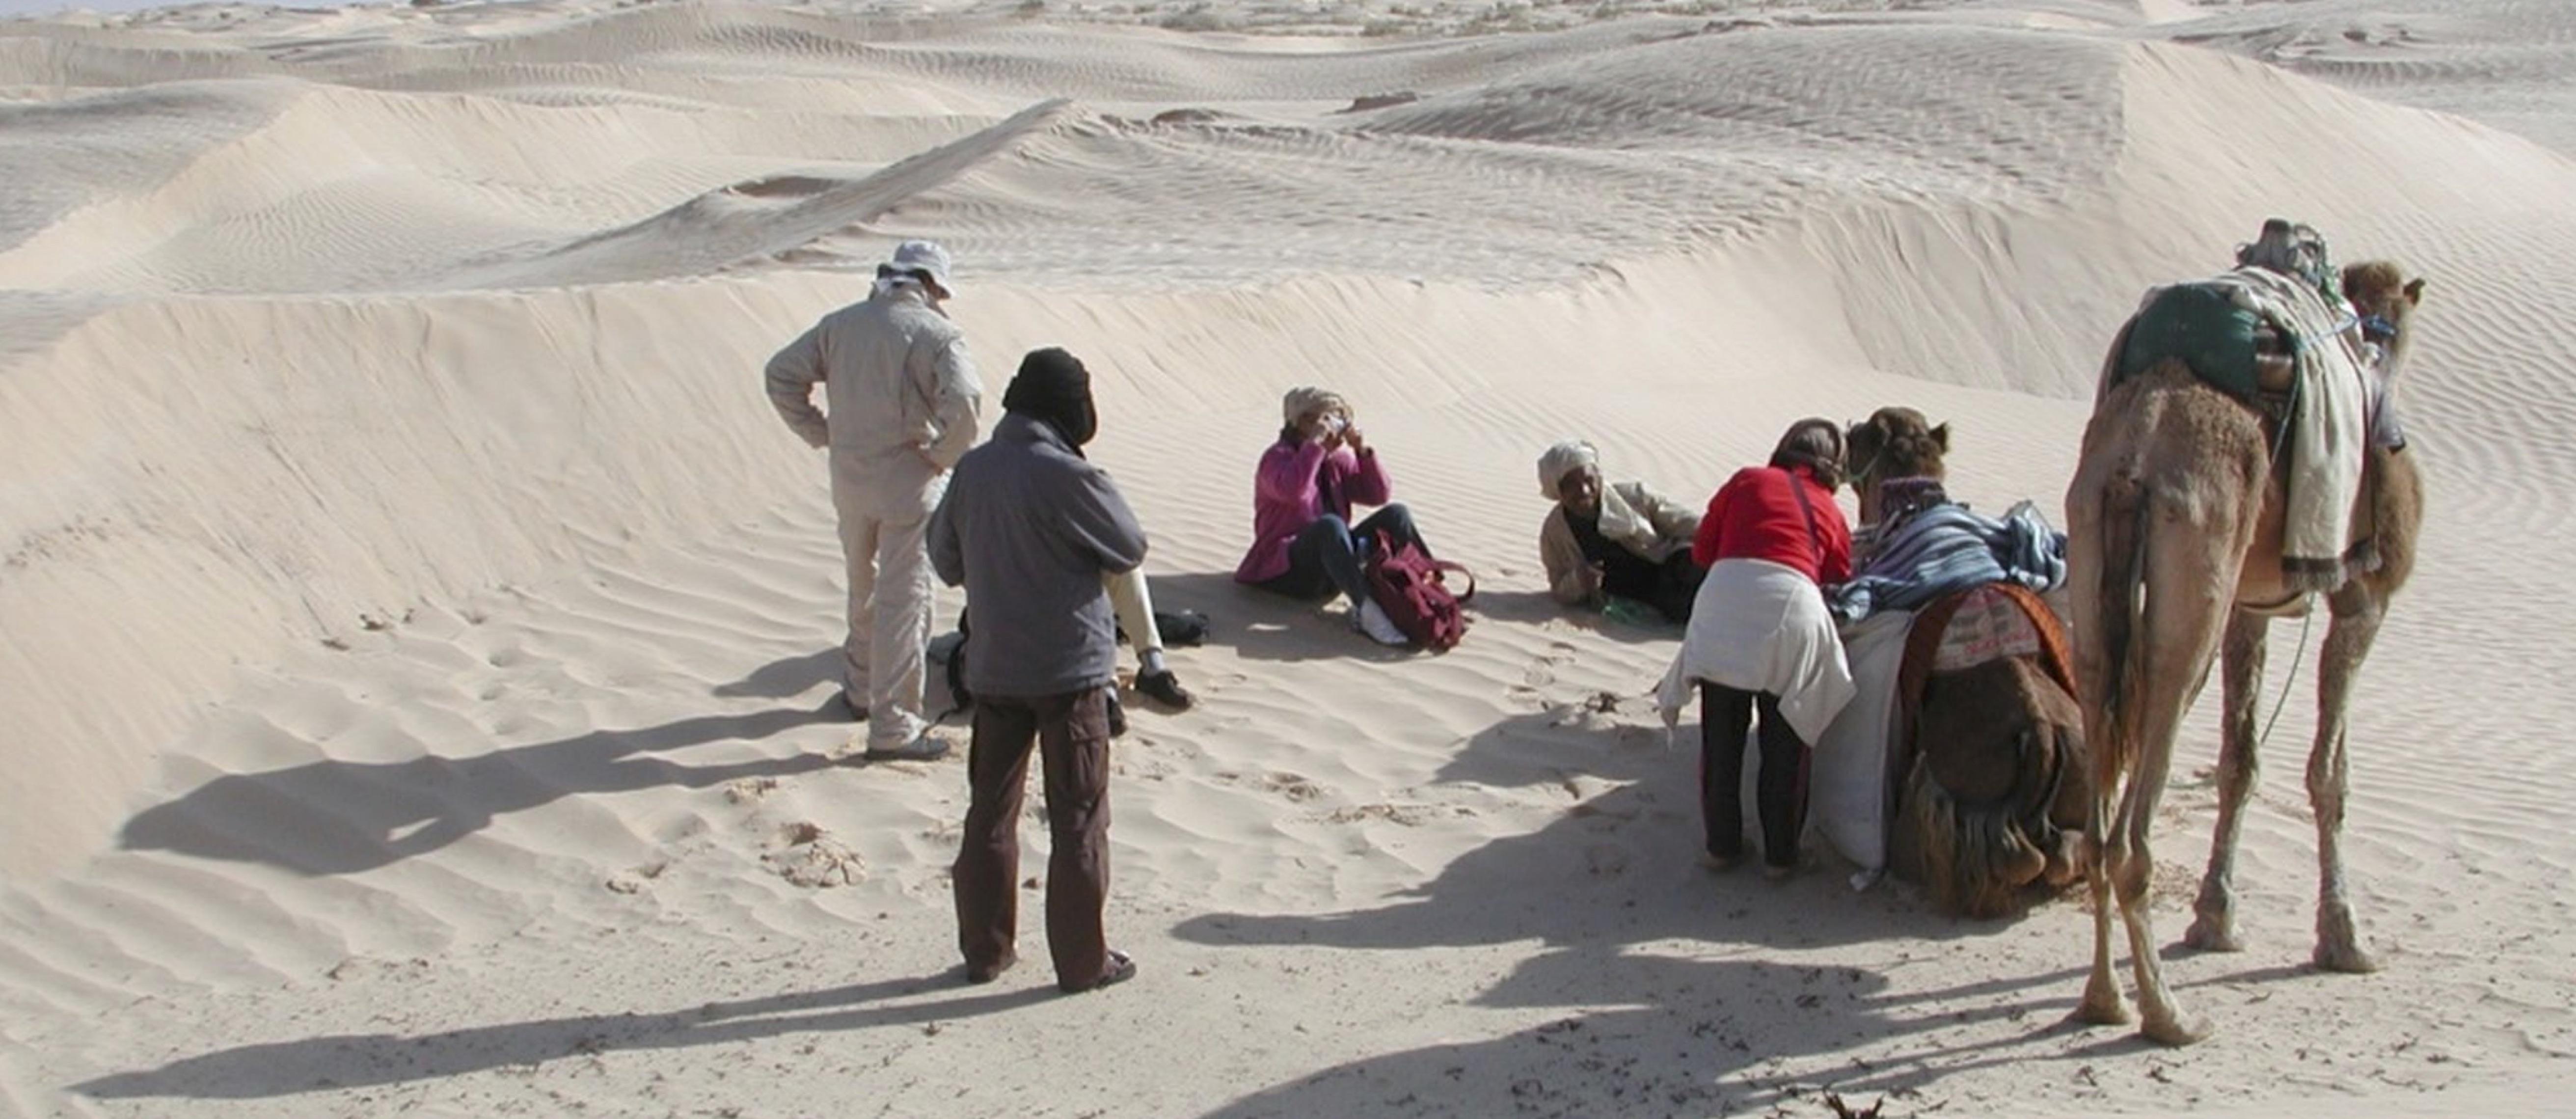 Jeûne et Randonnée dans lz Sahara